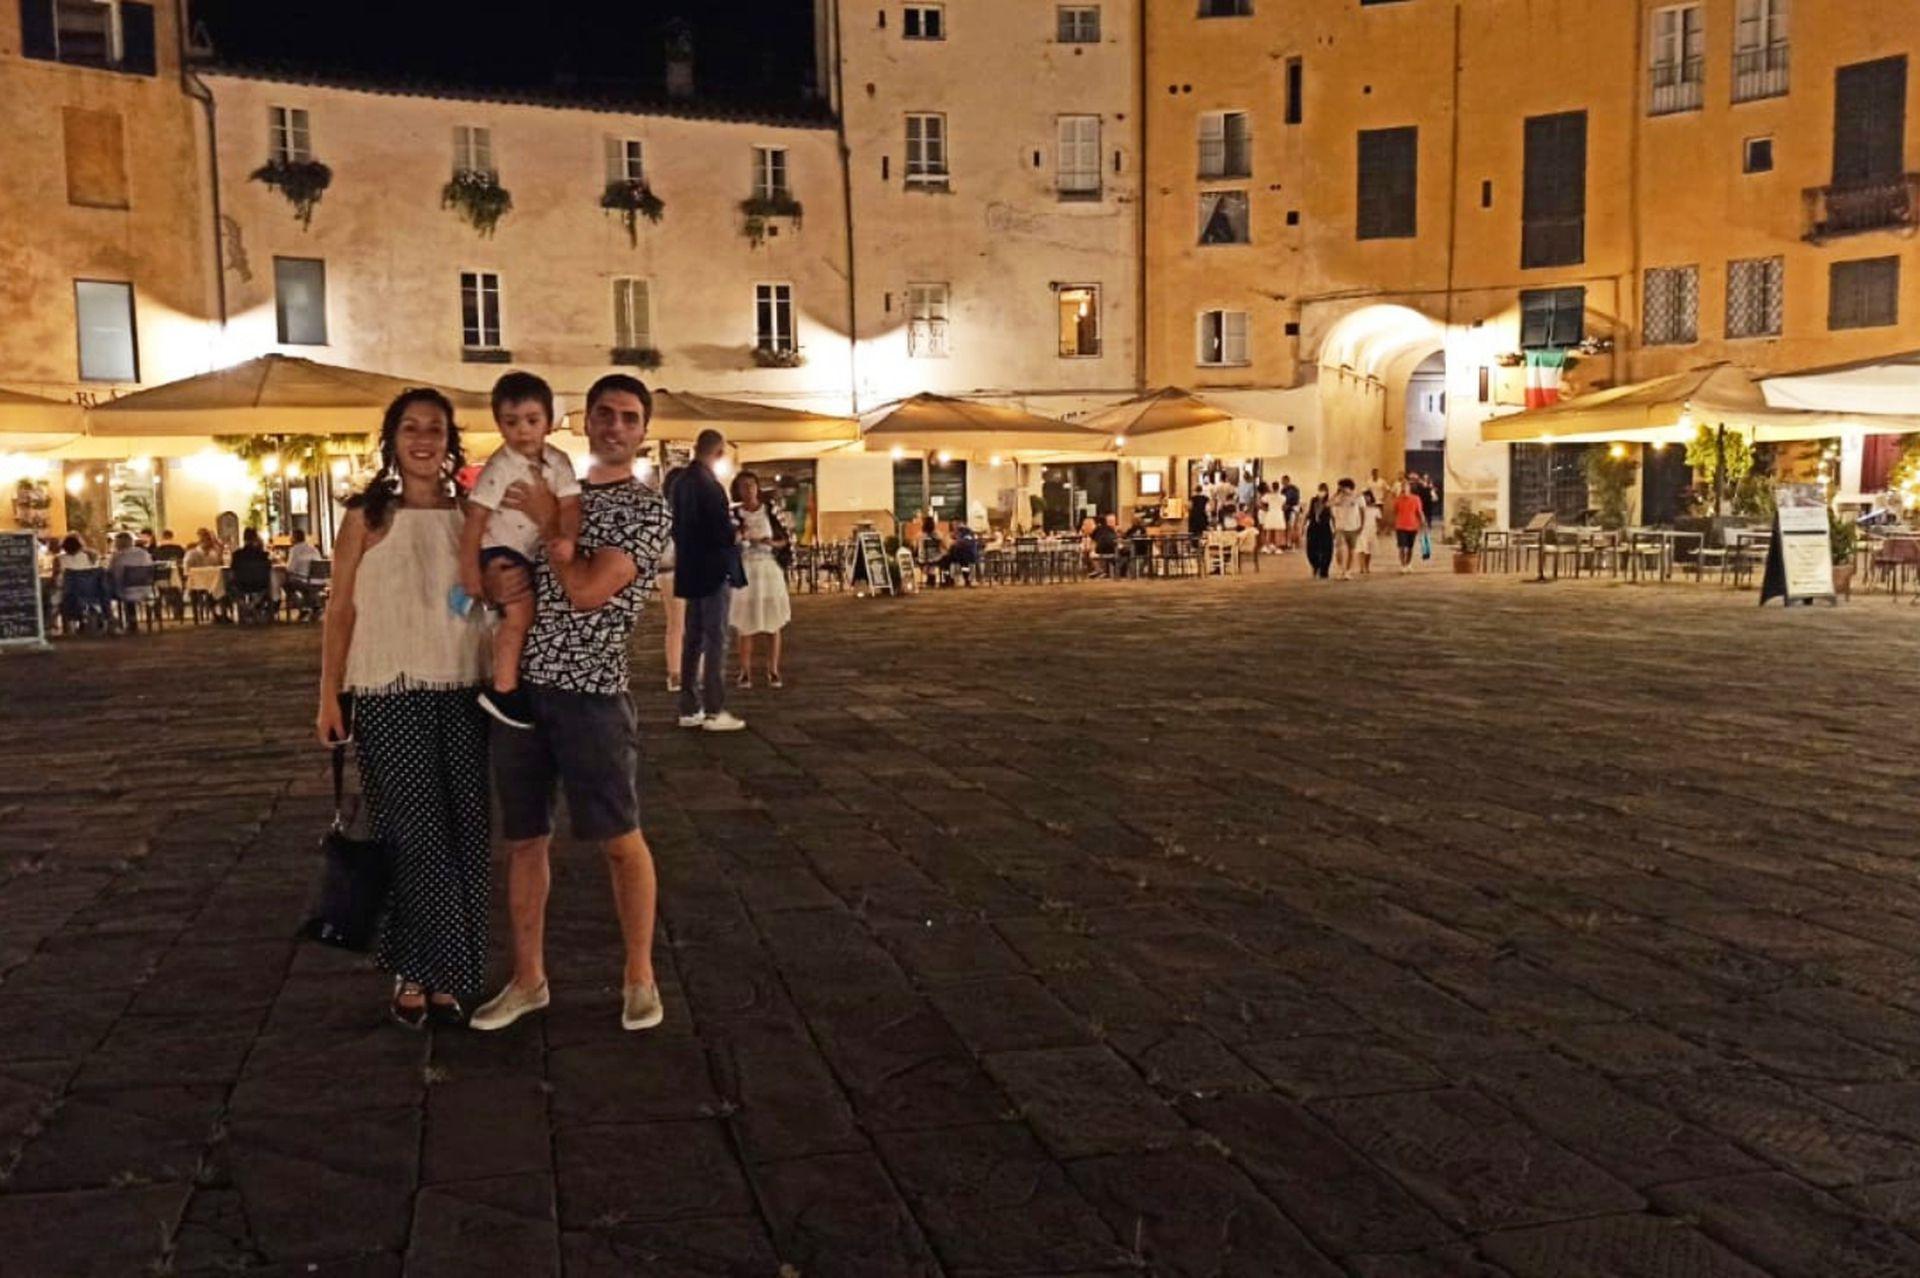 La familia en su nuevo lugar en el mundo. Lucca es la ciudad de varios compositores, entre ellos, Giacomo Puccini. En el casco antiguo se puede visitar un museo con fotos, manuscritos, libretos originales relacionados con su vida y la obra.